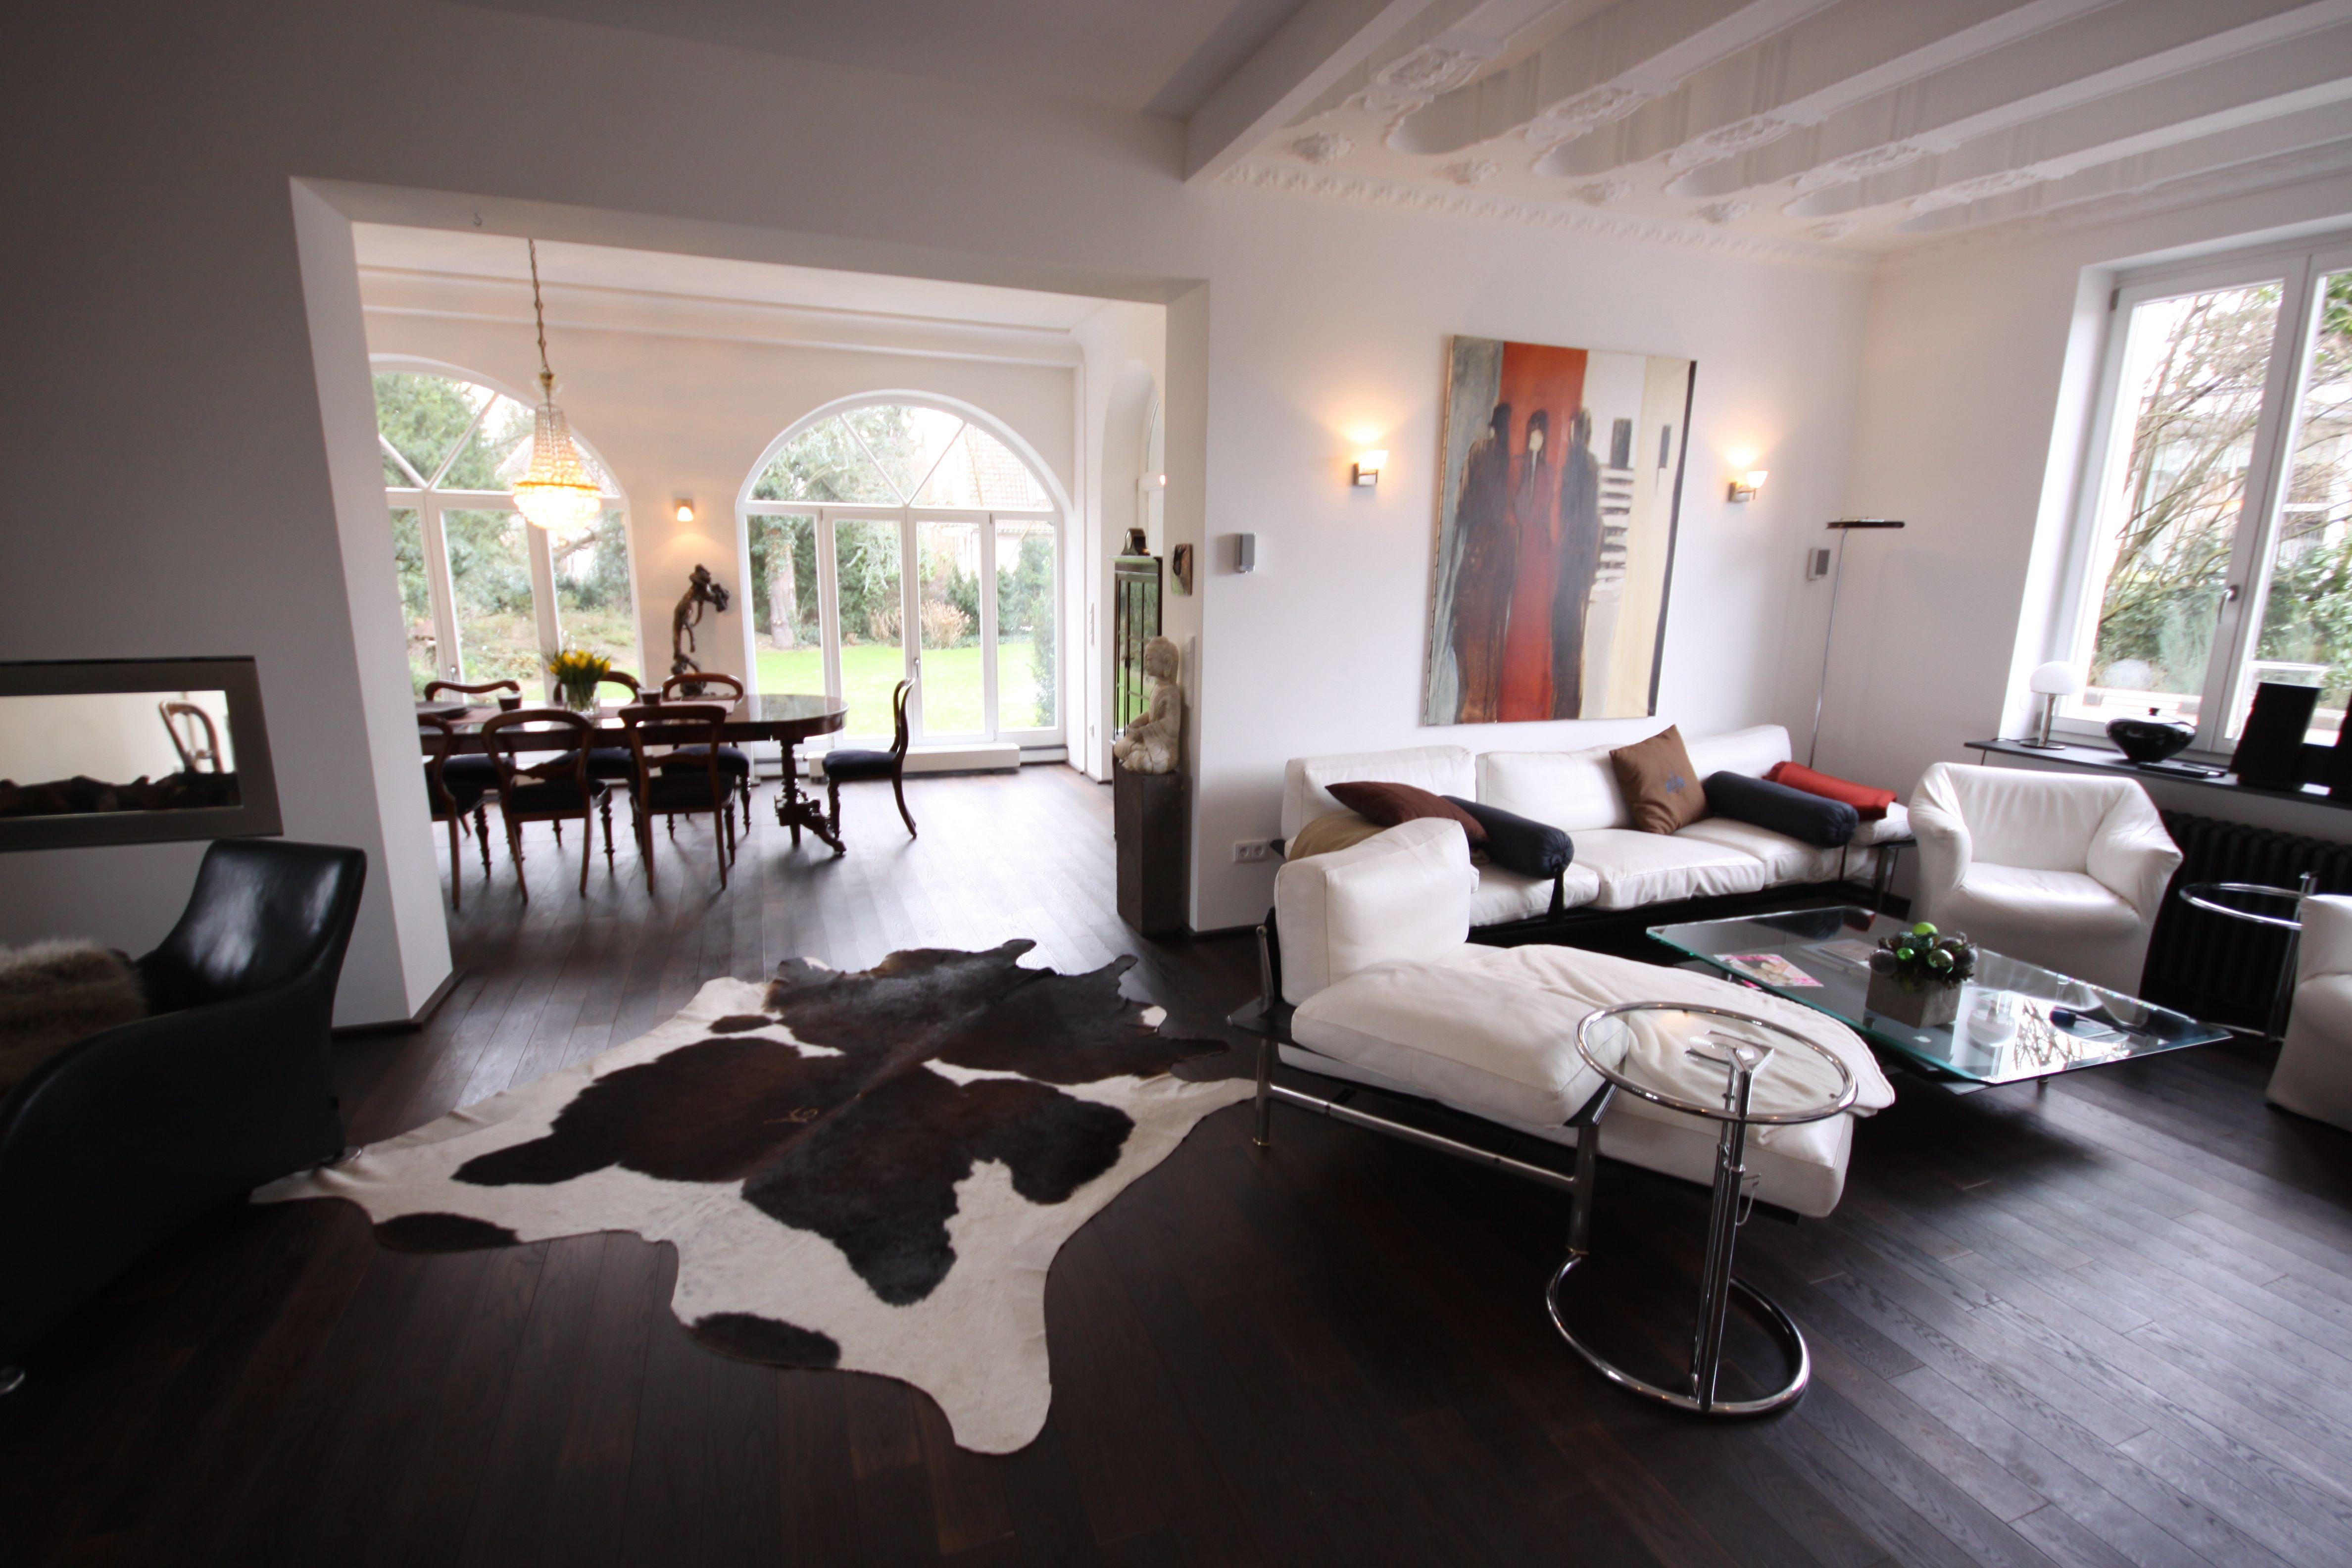 designer deko für wohnzimmer | kreative wandgestaltung badezimmer ...